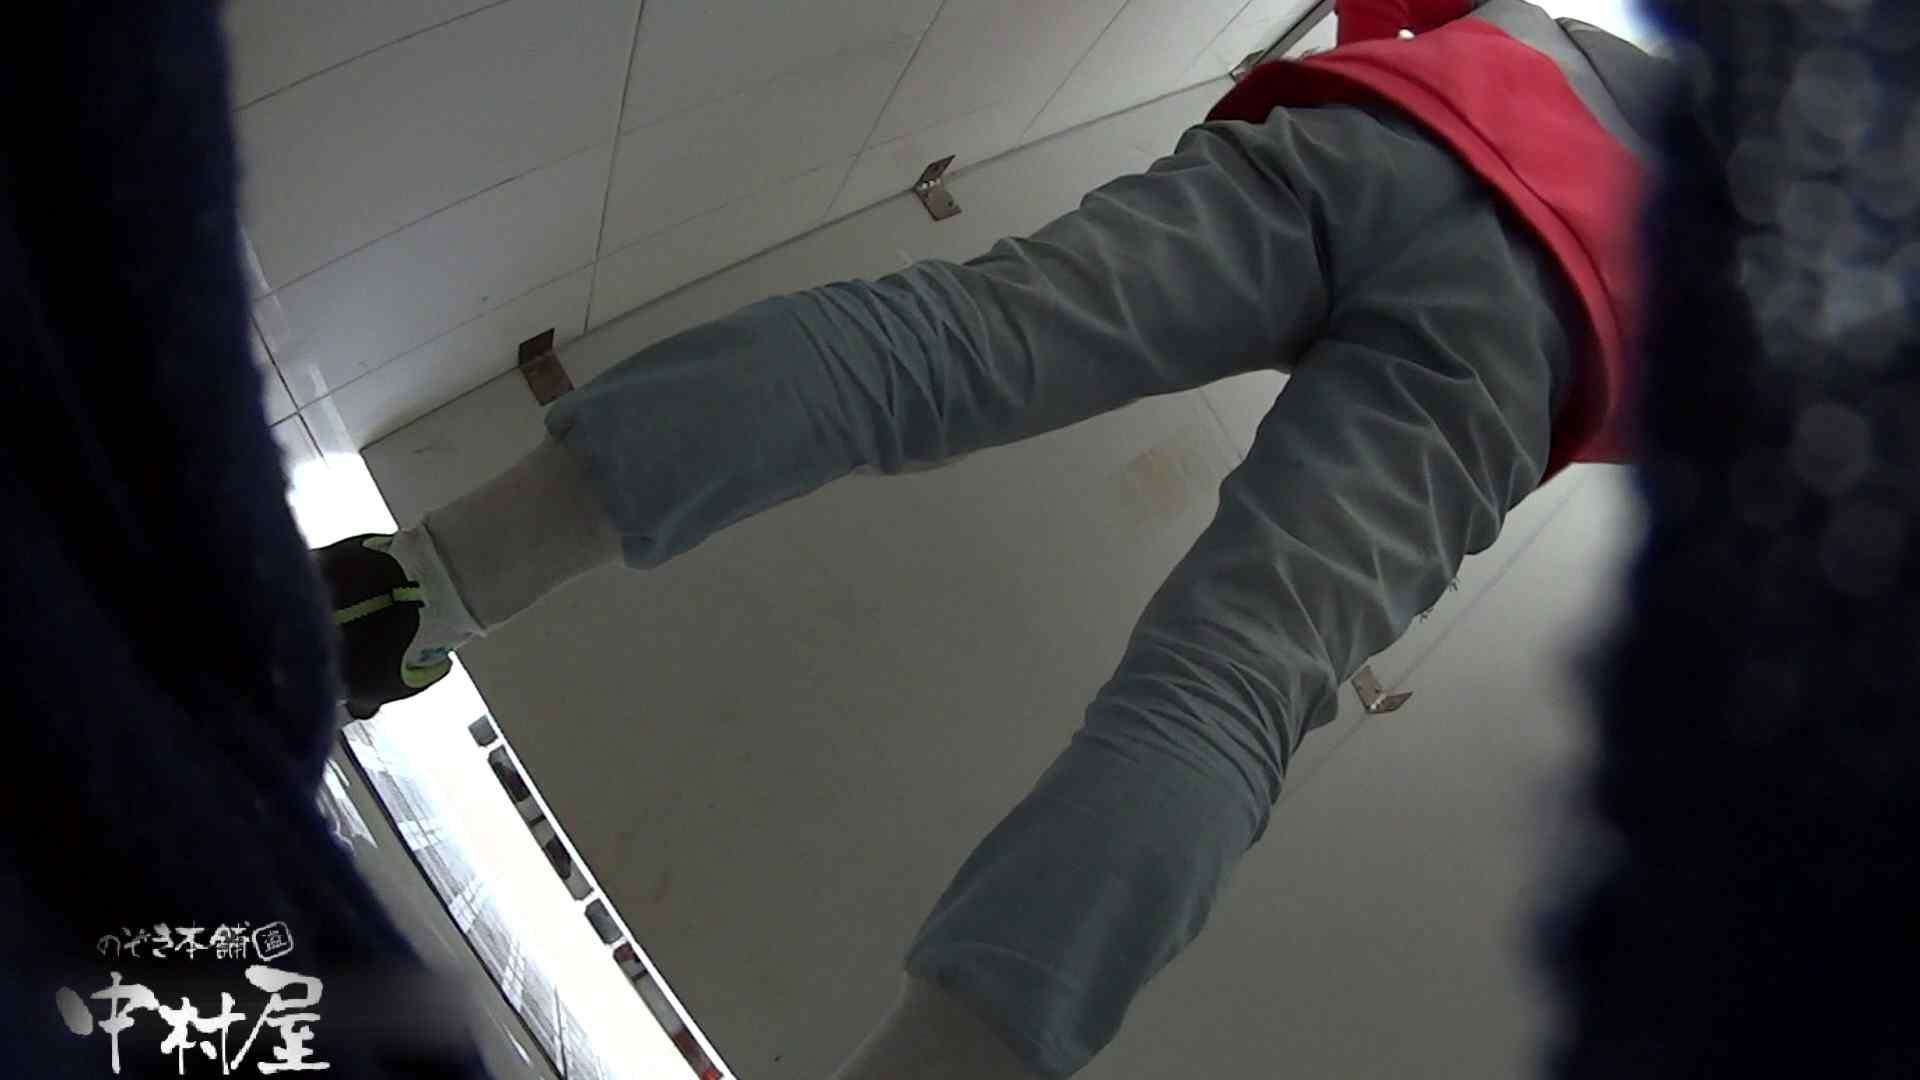 うんこがとても綺麗に出ています!有名大学休憩時間の洗面所事情05 盗撮シリーズ オマンコ無修正動画無料 82PIX 22